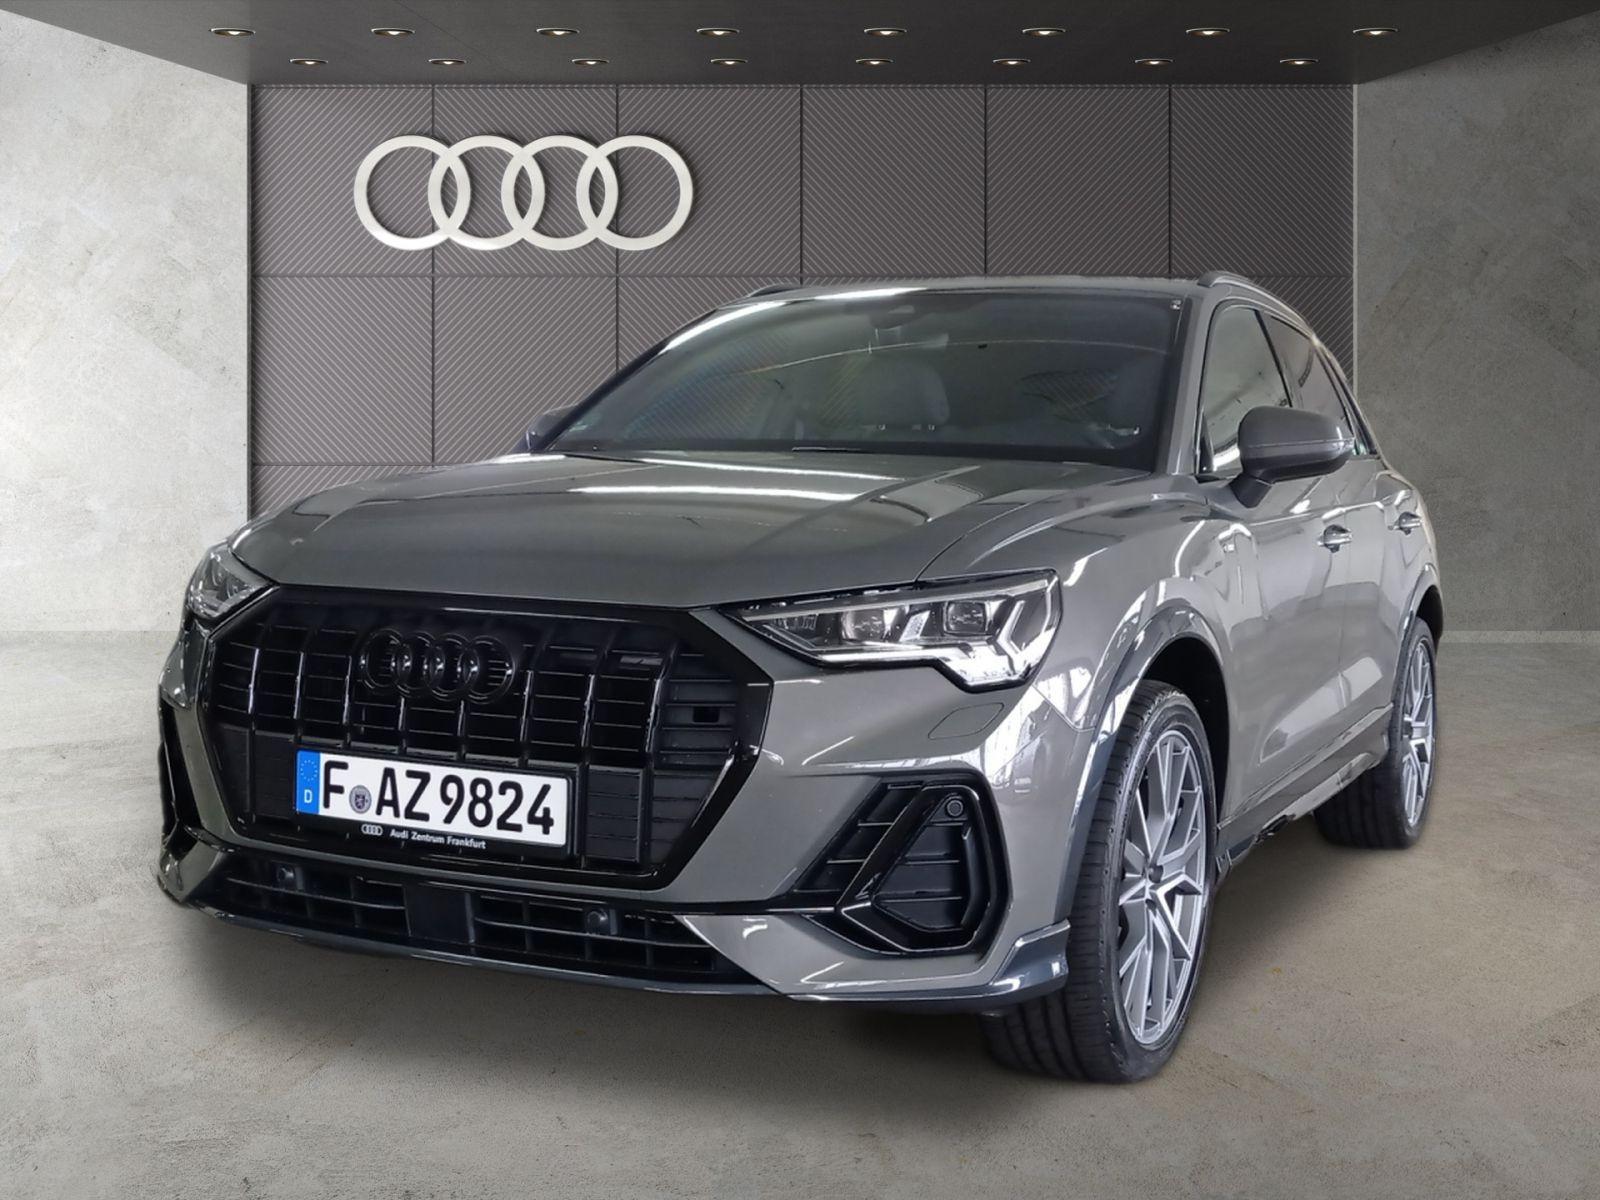 Audi Q3 35 TFSI S tronic S line MatrixLED VirtualCockpit Bang&Olufsen, Jahr 2021, Benzin